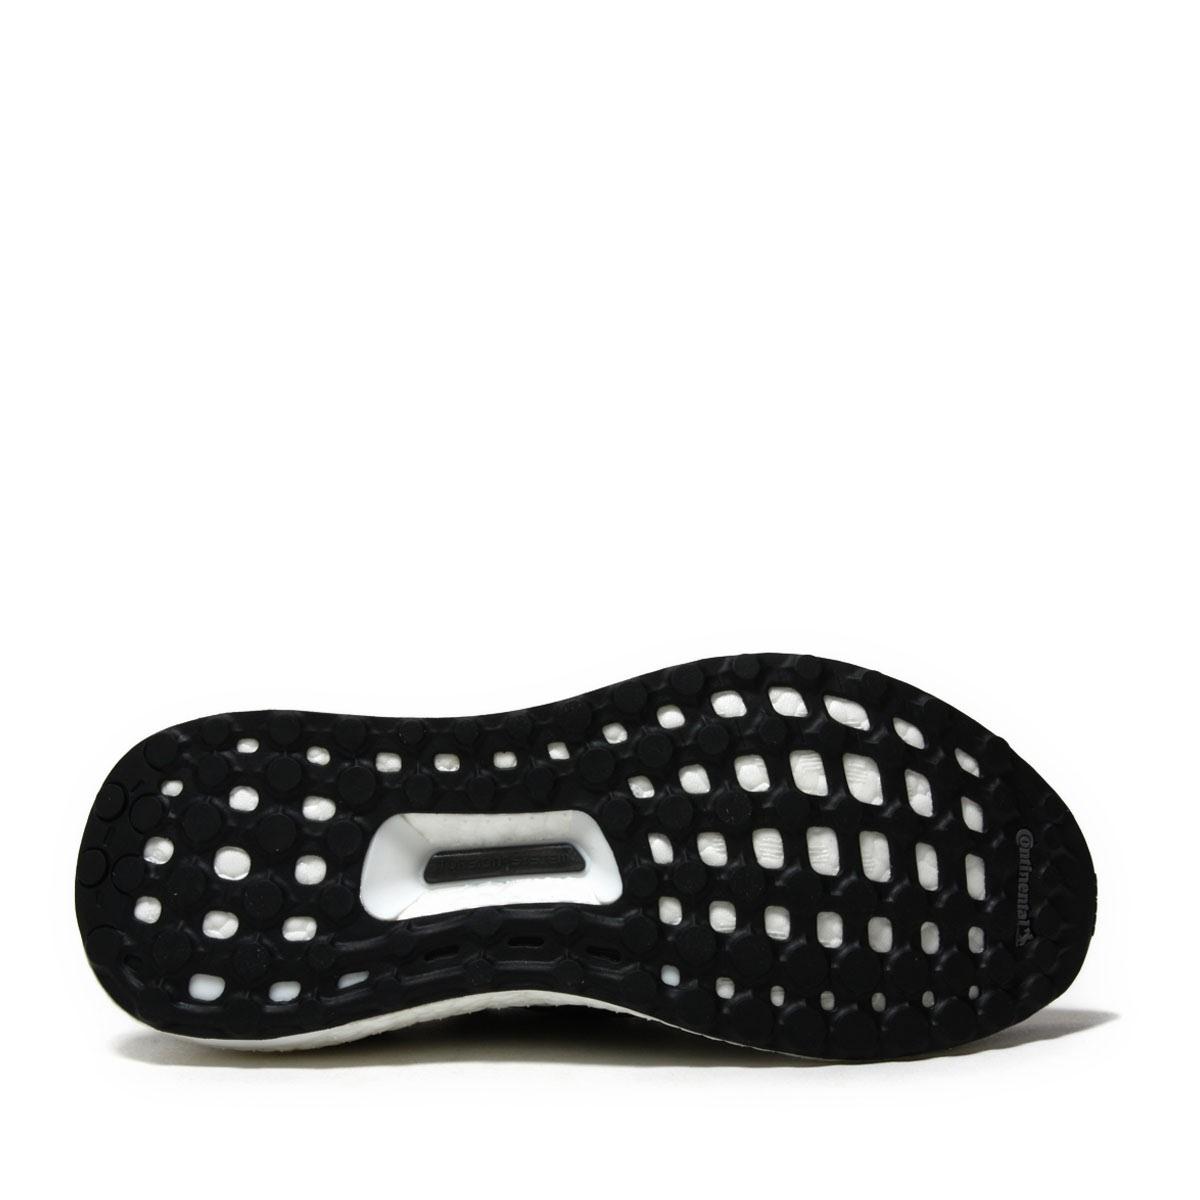 01f7f410941 adidas Originals UltraBOOST X LTD (Adidas originals ultra boost X LTD) Core  Black Grey Running White 18SP-I